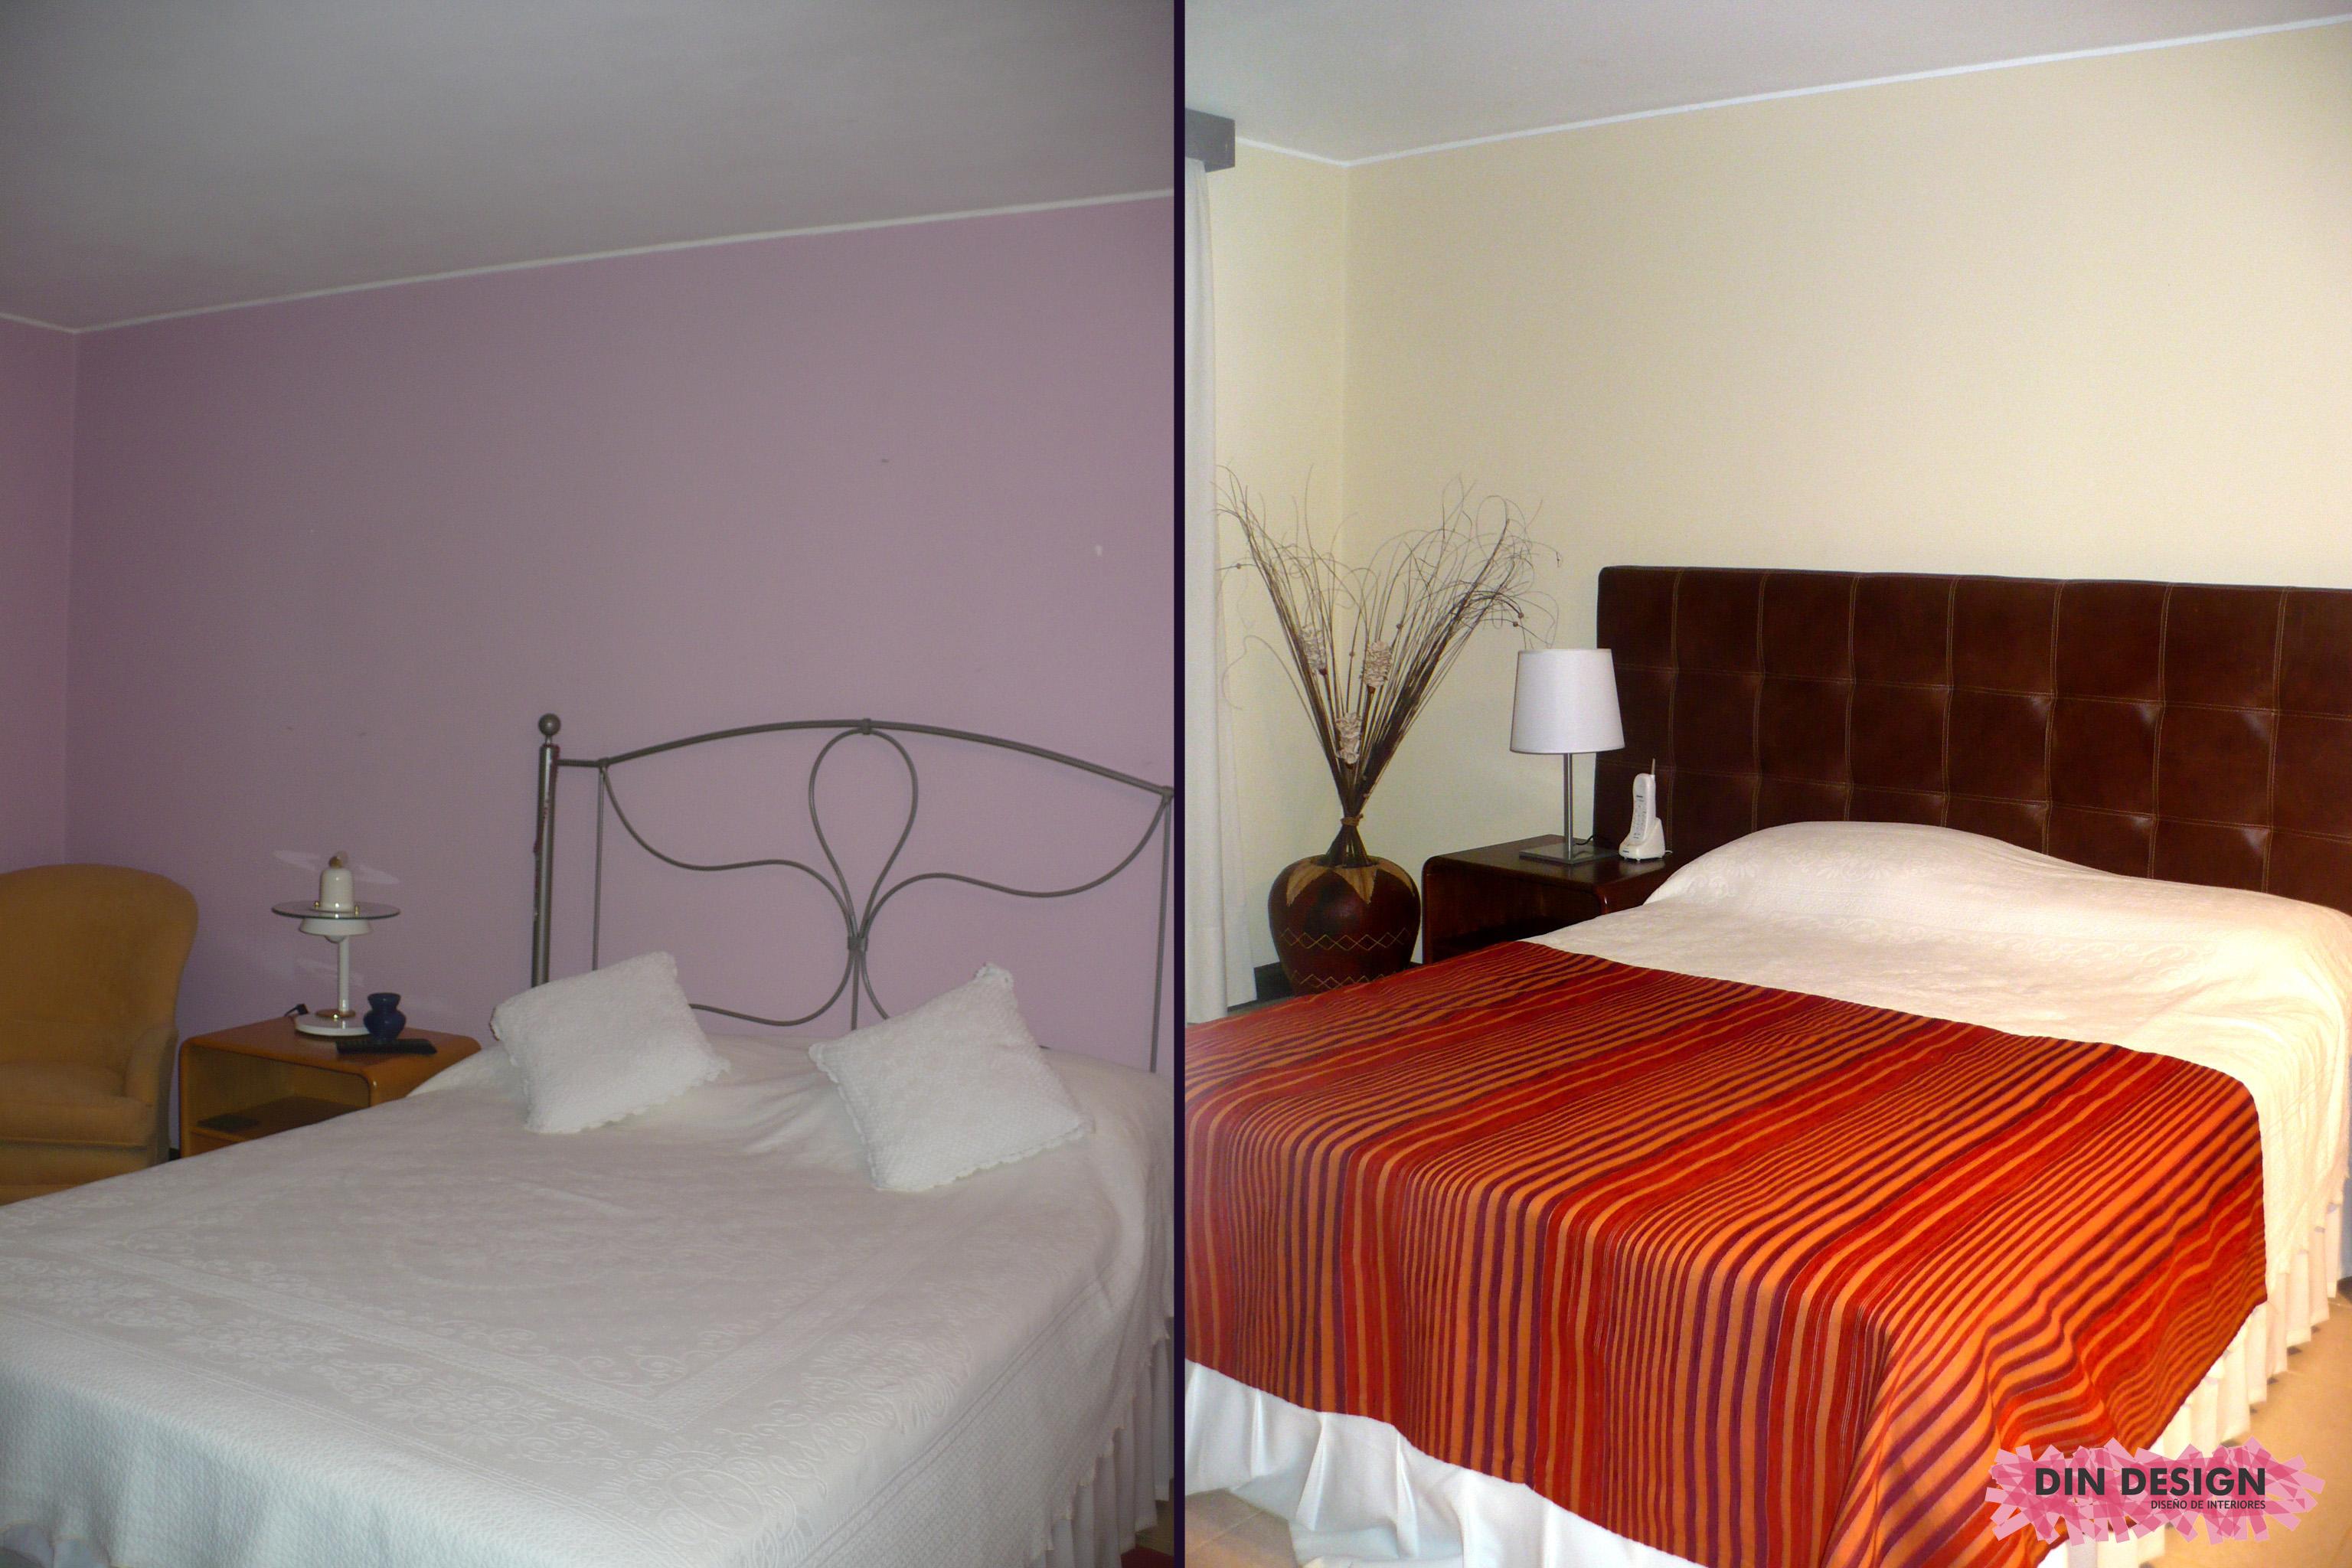 Grandes cambios con estudiadas intervenciones decoraci n for Dormitorio invitados